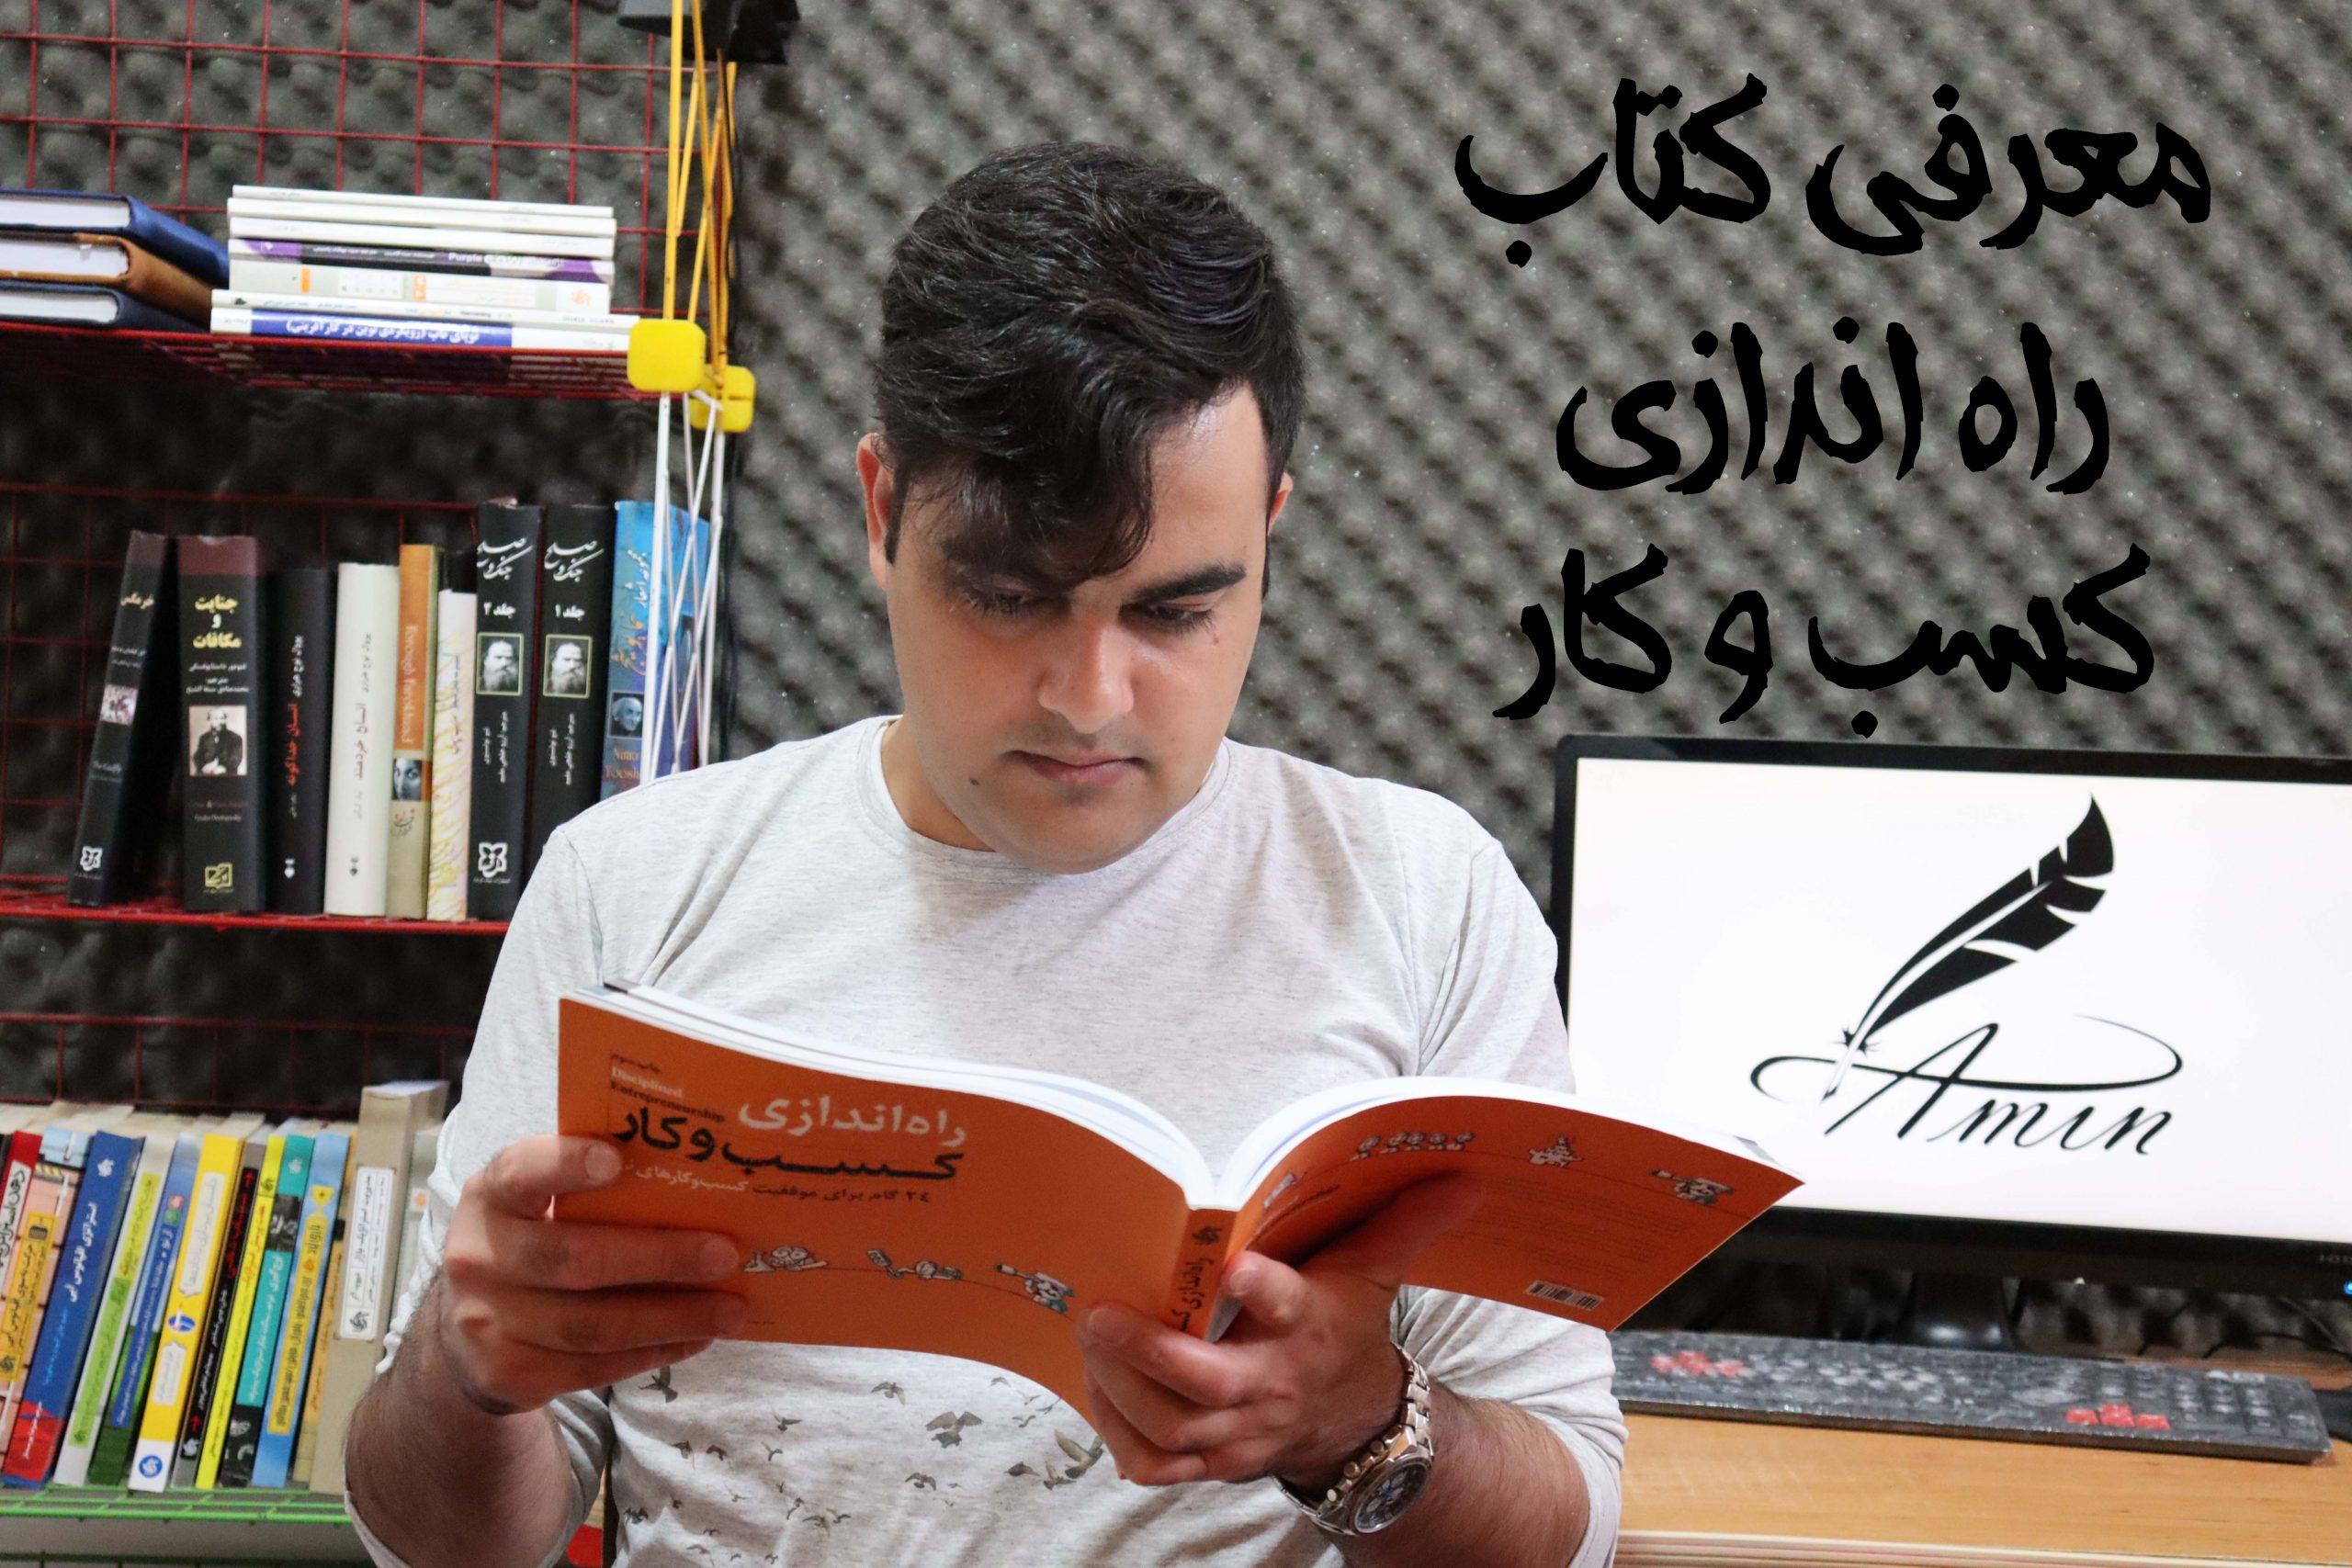 معرفی کتاب راه اندازی کسب و کار